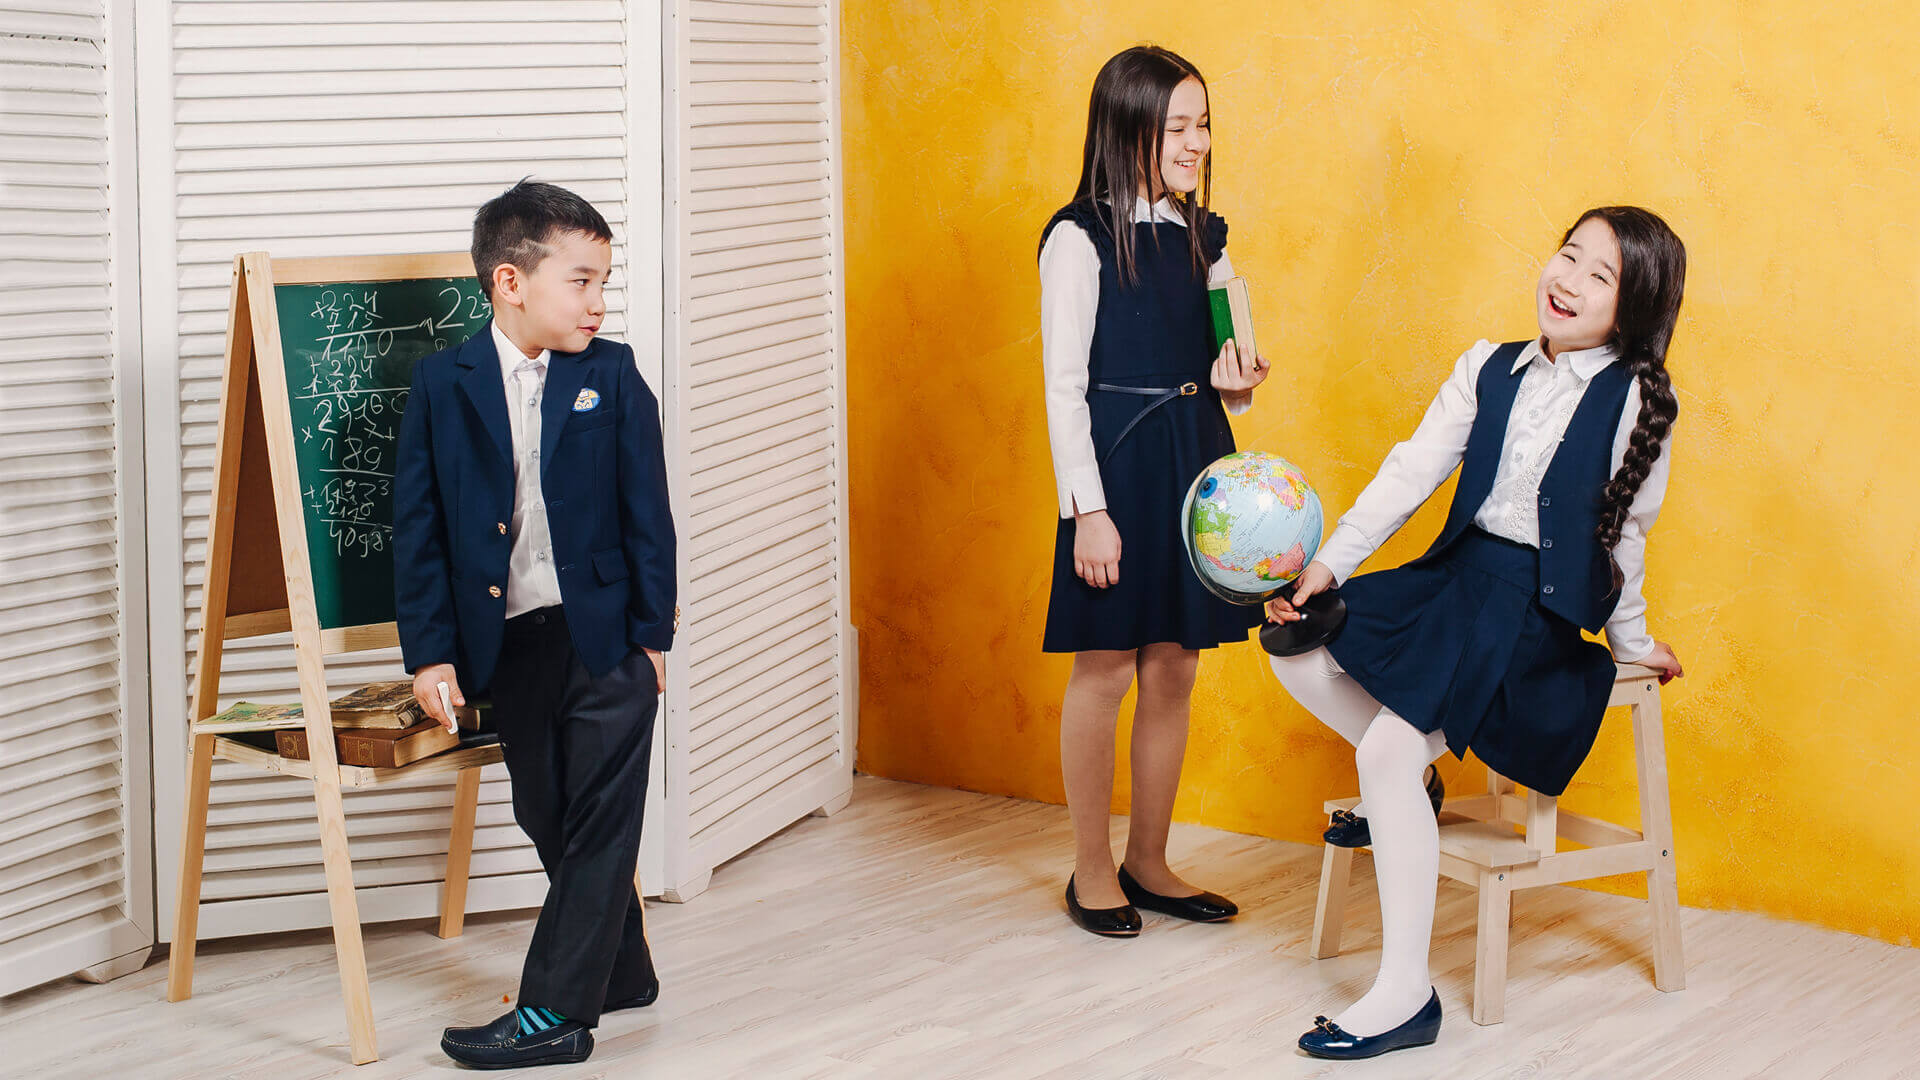 d850944bc Первый разработчик и один из лидеров в производстве школьной формы в  Казахстане